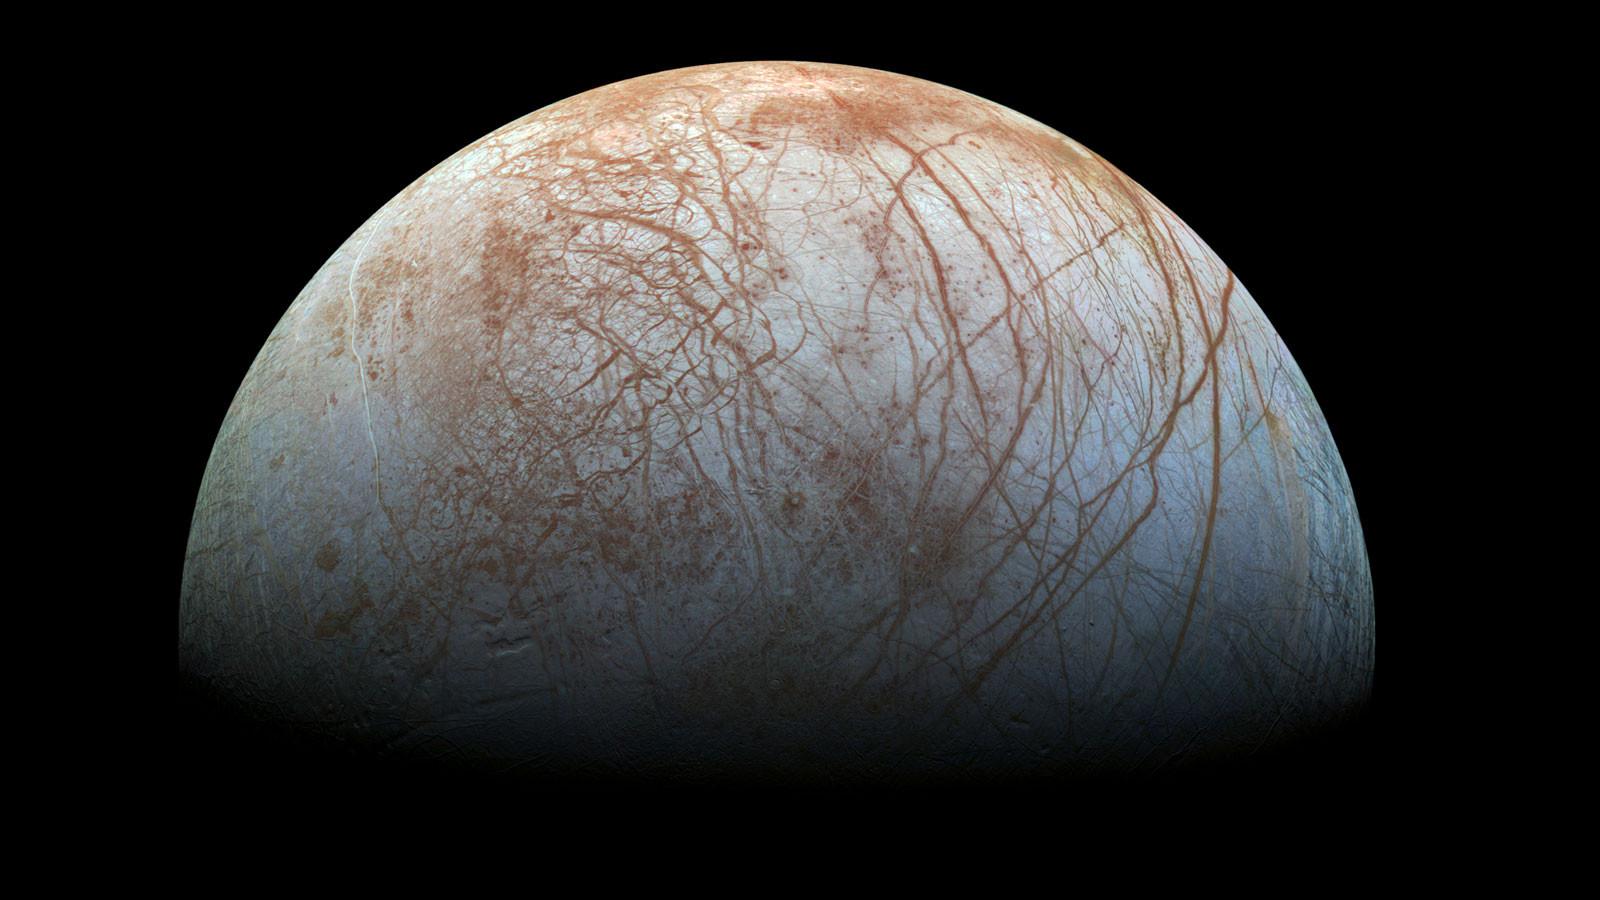 是天然的木星卫星,也是当今太阳系当中除火星之外